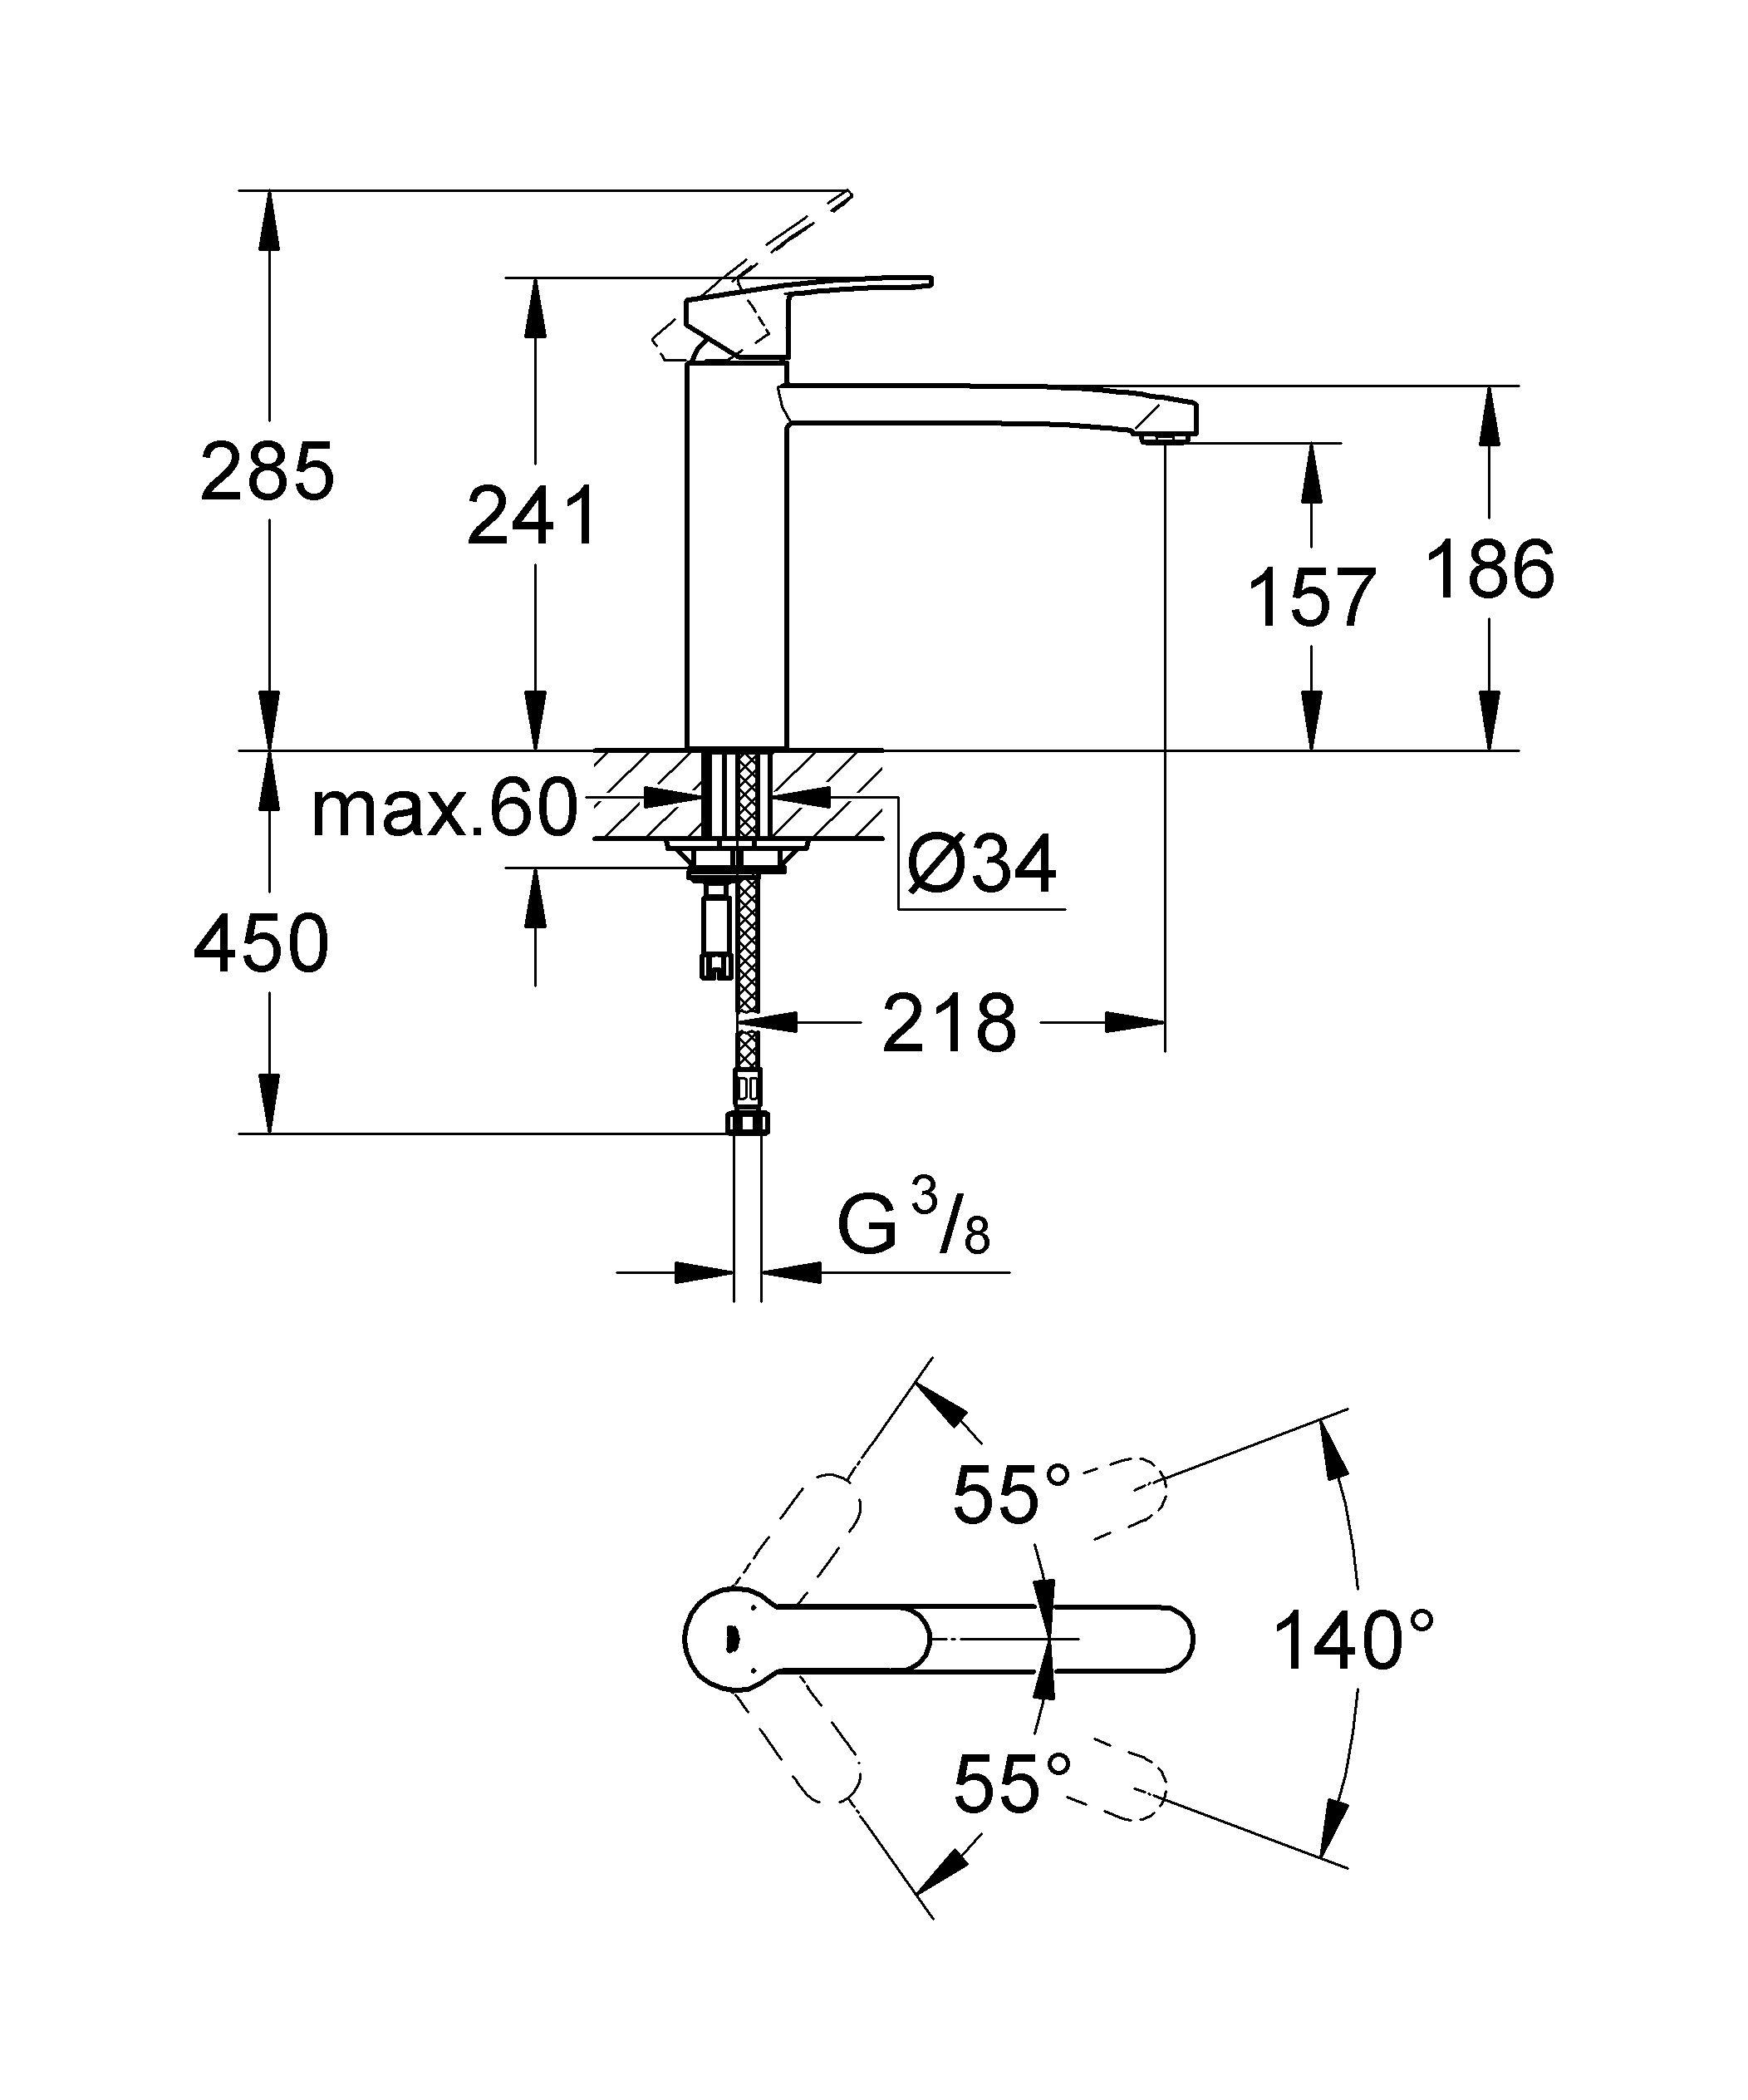 GROHE Eurostyle Cosmopolitan: высокофункциональный и стильный смеситель для кухни Этот кухонный смеситель из серии GROHE Eurostyle, оснащенный изливом средней высоты, позволит Вам с легкостью наполнять высокие емкости. Возможность вращения излива в радиусе 140° обеспечивает достаточно удобства в работе и одновременно с этим исключает удары излива об окружающие шкафы и стены. Технология GROHE SilkMove обеспечивает плавность и легкость регулировки температуры и напора воды. Система упрощенного монтажа позволит произвести установку смесителя быстро и без затруднений. И с эстетической, и с функциональной точки зрения, данный смеситель для мойки станет одним из важнейших элементов оснащения Вашей кухни. Кроме того, благодаря износостойкому хромированному покрытию GROHE StarLight, он сохранит свой первозданный сияющий вид даже после многих лет эксплуатации. Особенности:   Средний излив  Монтаж на одно отверстие  GROHE SilkMove керамический картридж 35 мм  GROHE StarLight хромированная поверхность   Регулировка расхода воды  Поворотный трубкообразный излив  Область поворота 140°  Аэратор  Гибкая подводка  Система быстрого монтажа   Видео по установке является исключительно информационным. Установка должна проводиться профессионалами!